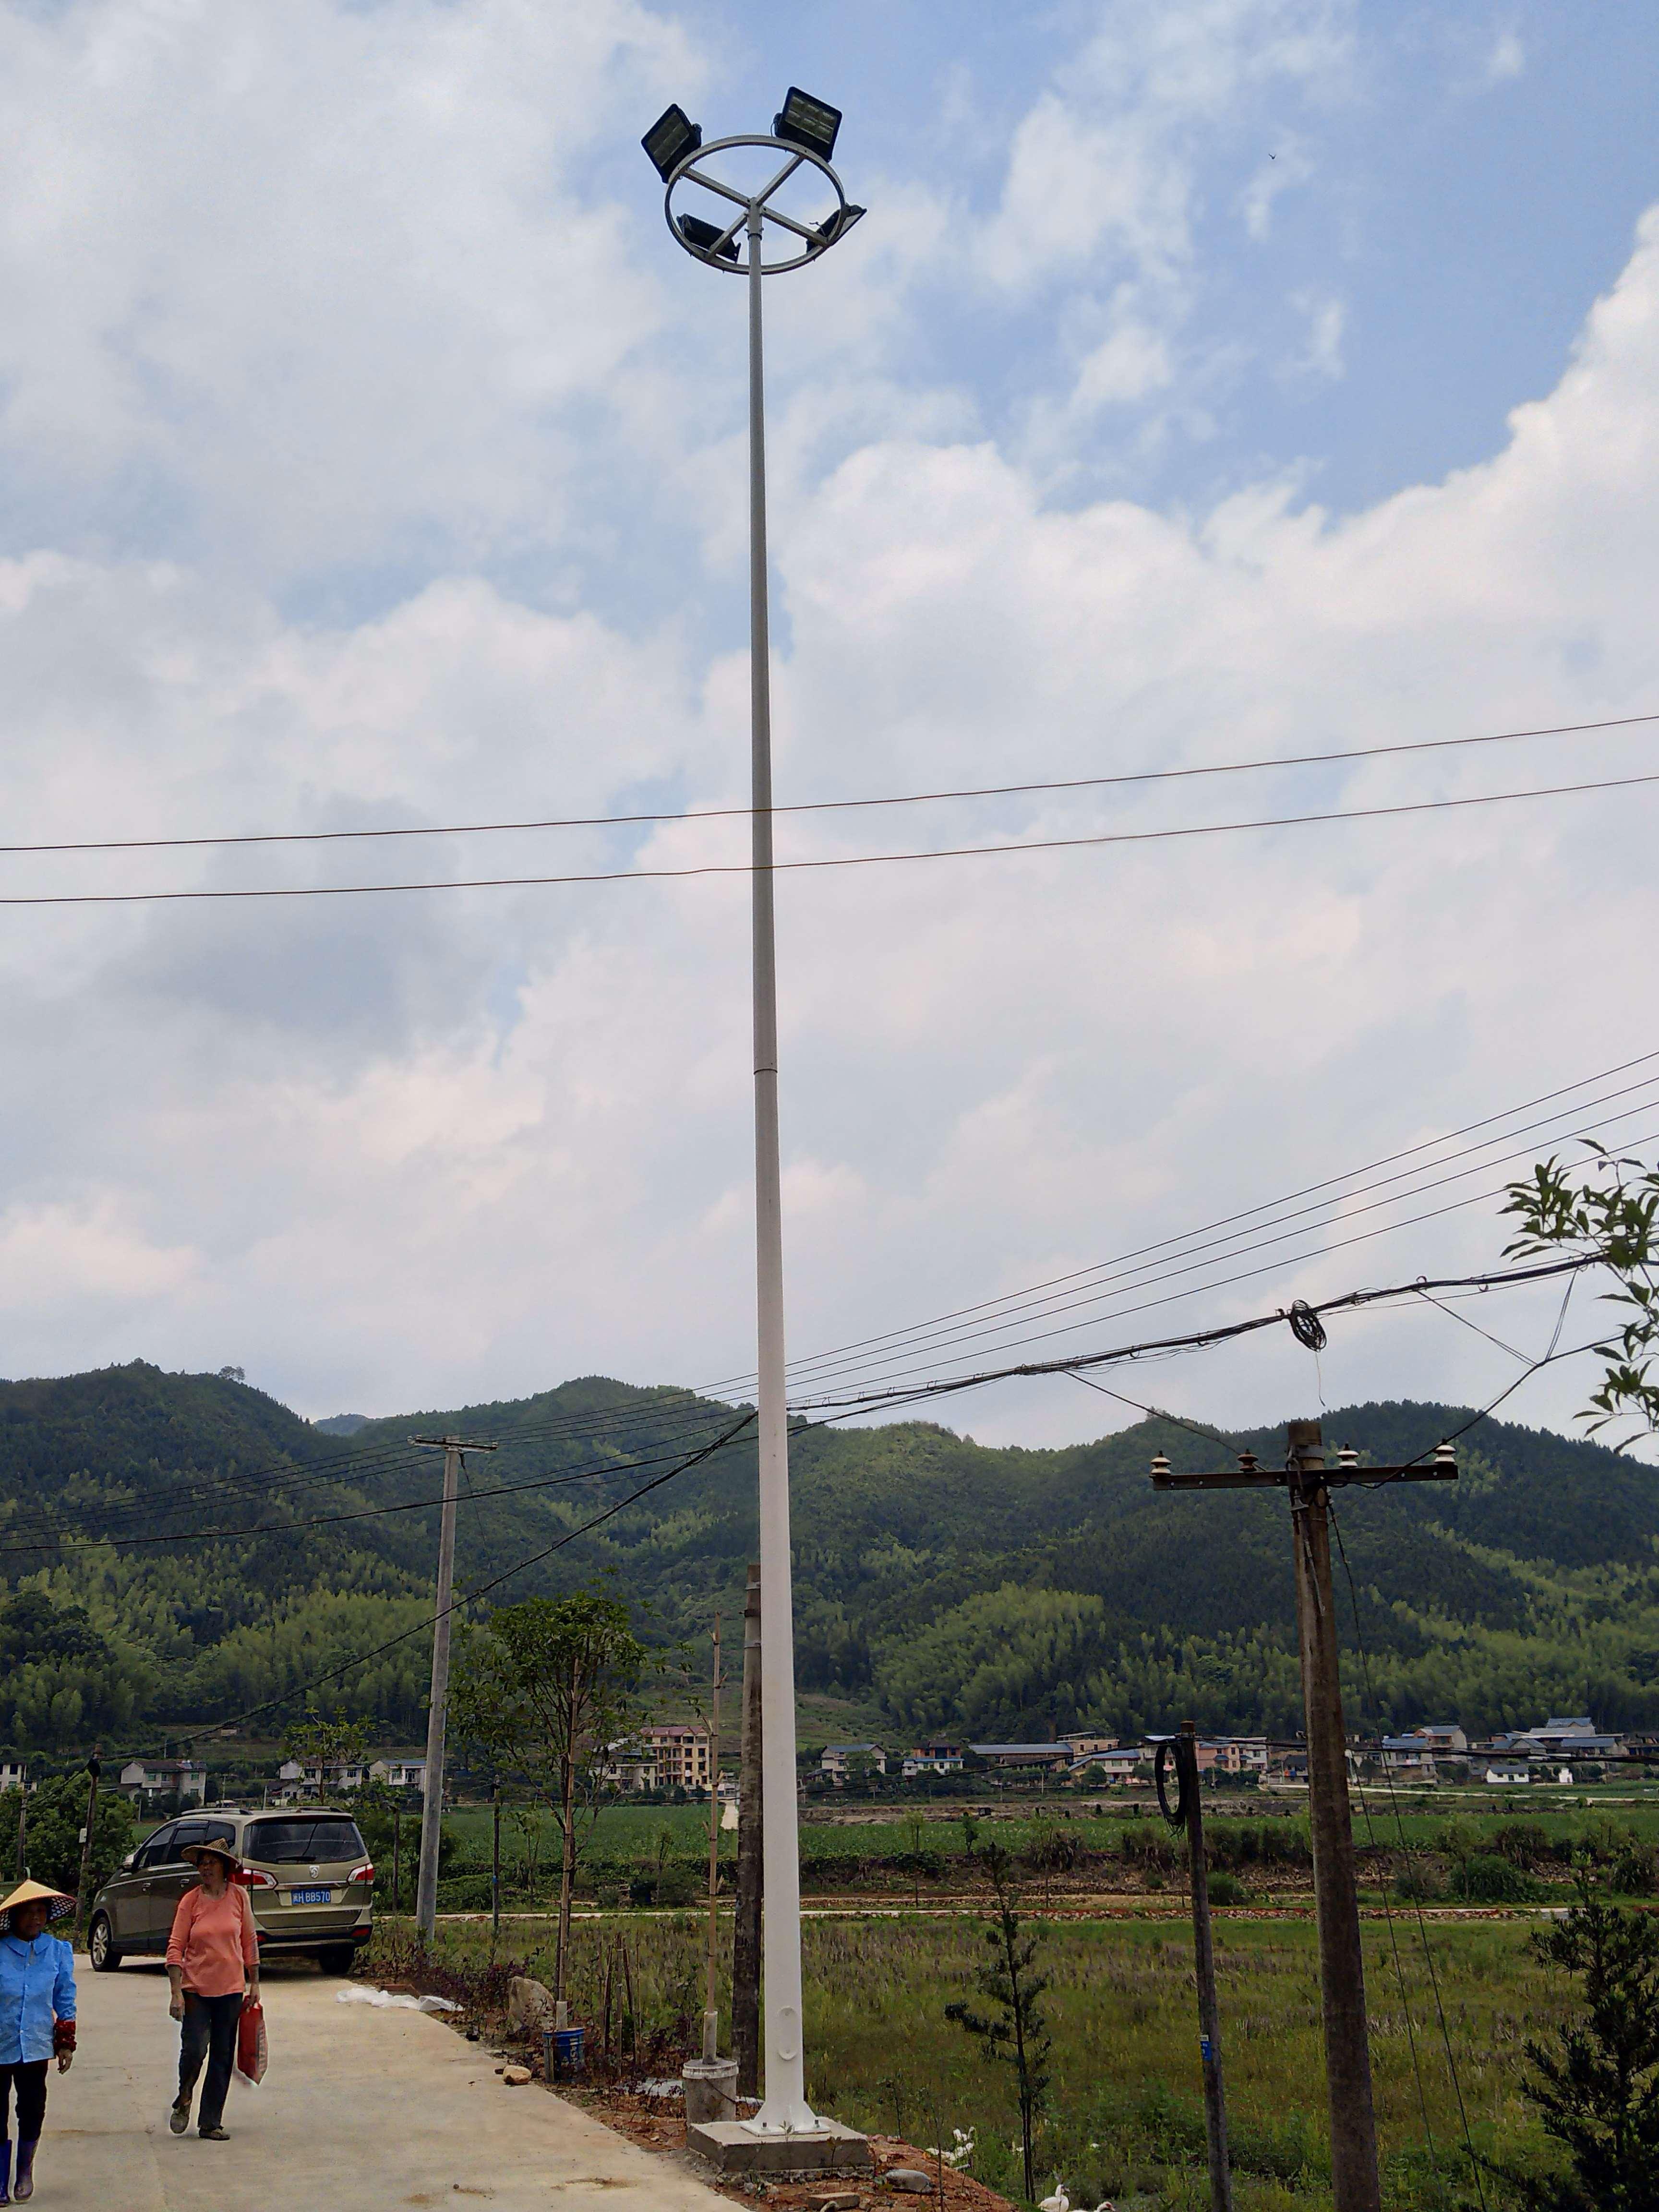 乡村道路路灯由福建三路极光公司施工安装!